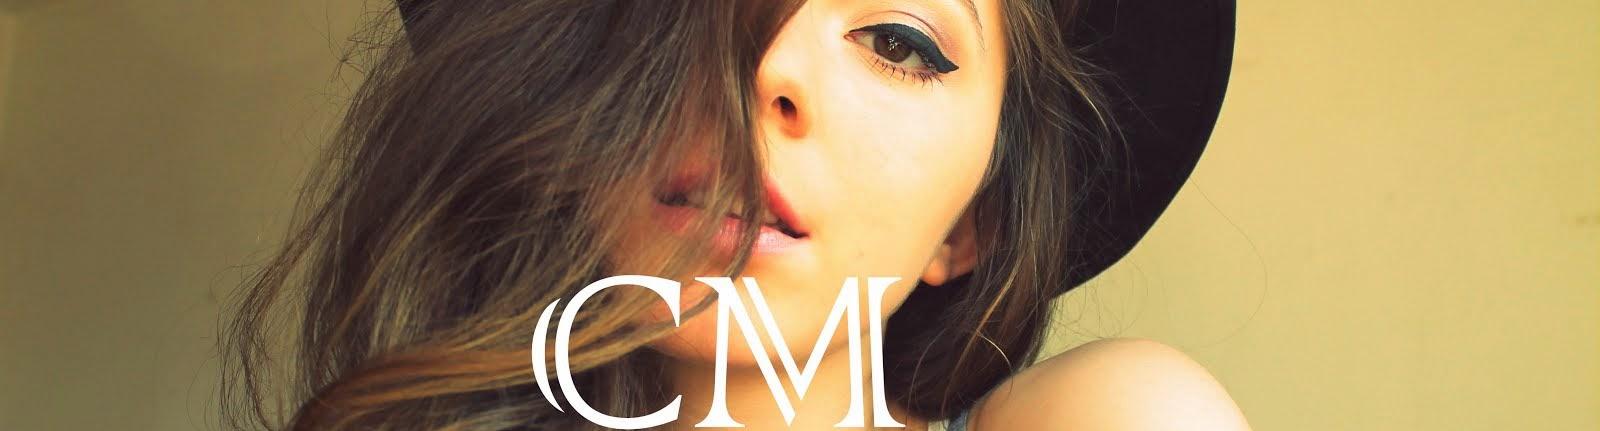 Combo-Monster